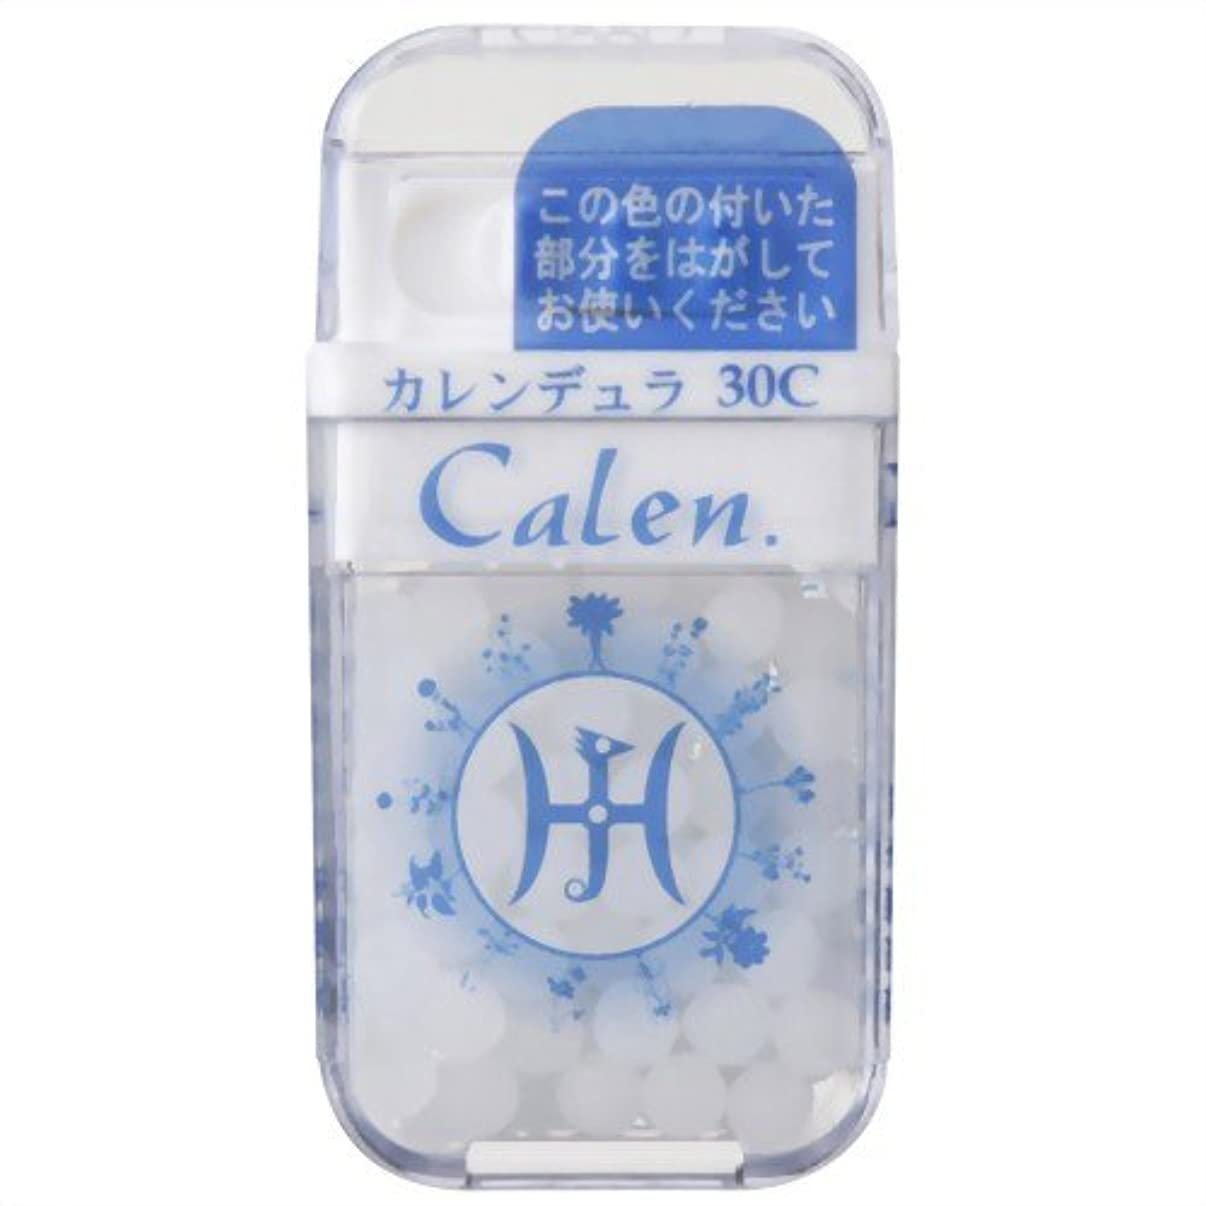 追放液体閉じ込めるホメオパシージャパンレメディー Calen.  カレンデュラ 30C (大ビン)